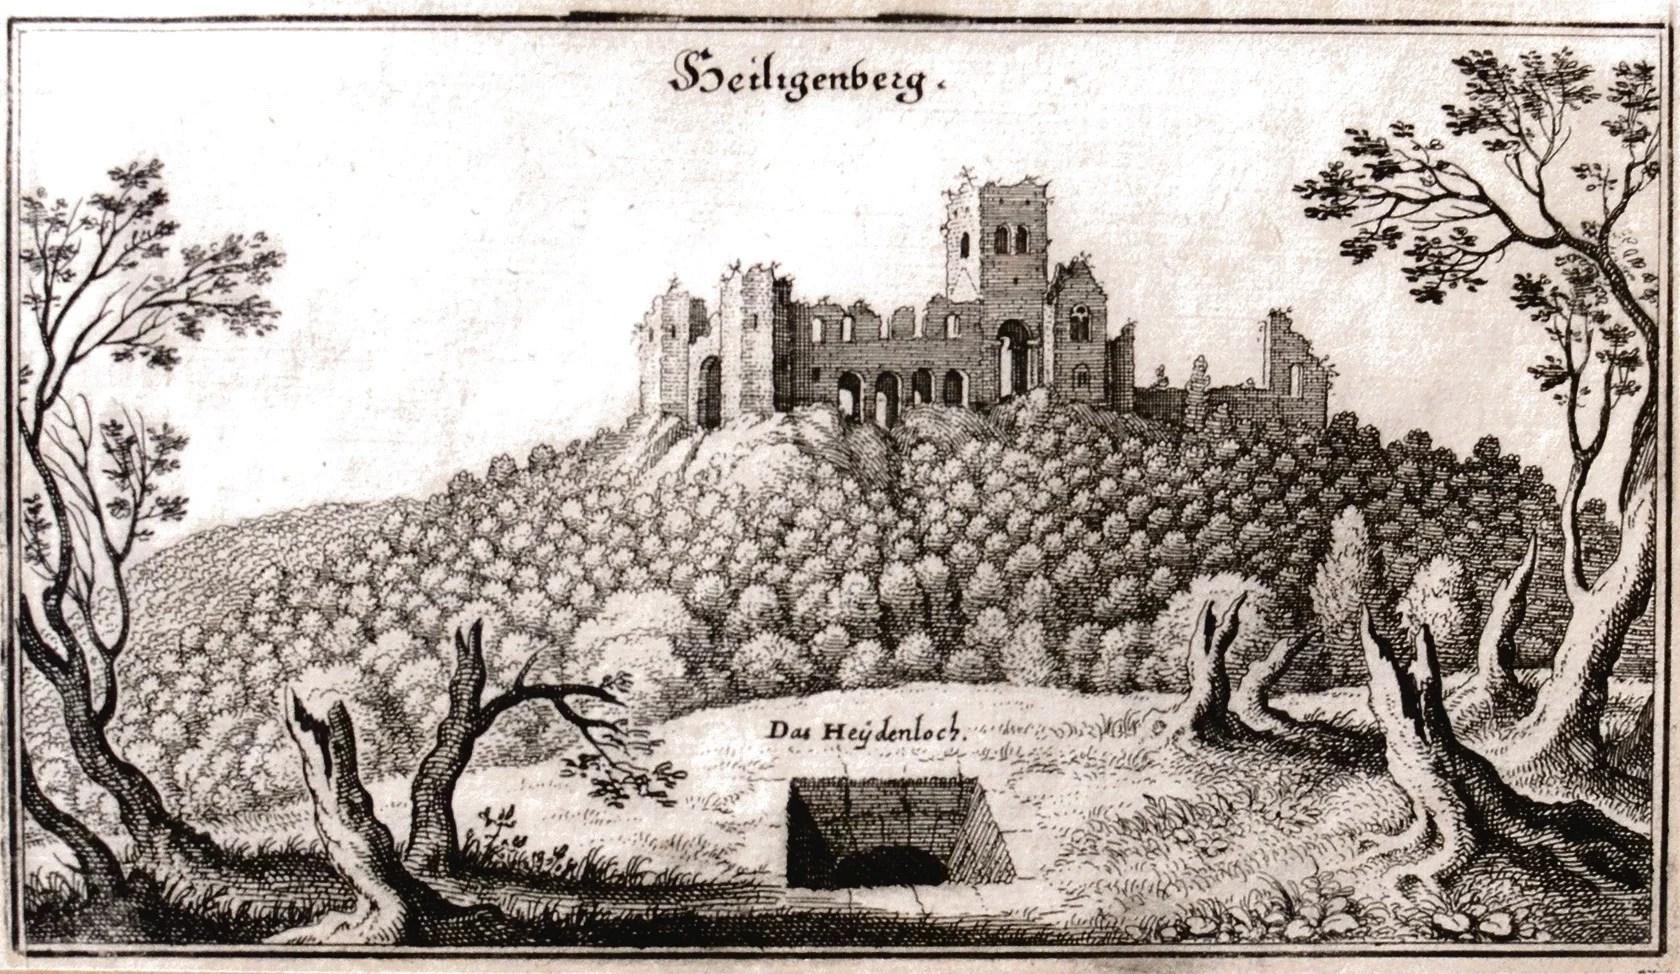 Изображение Хайденлоха и монастыря Св. Михаила в 1645